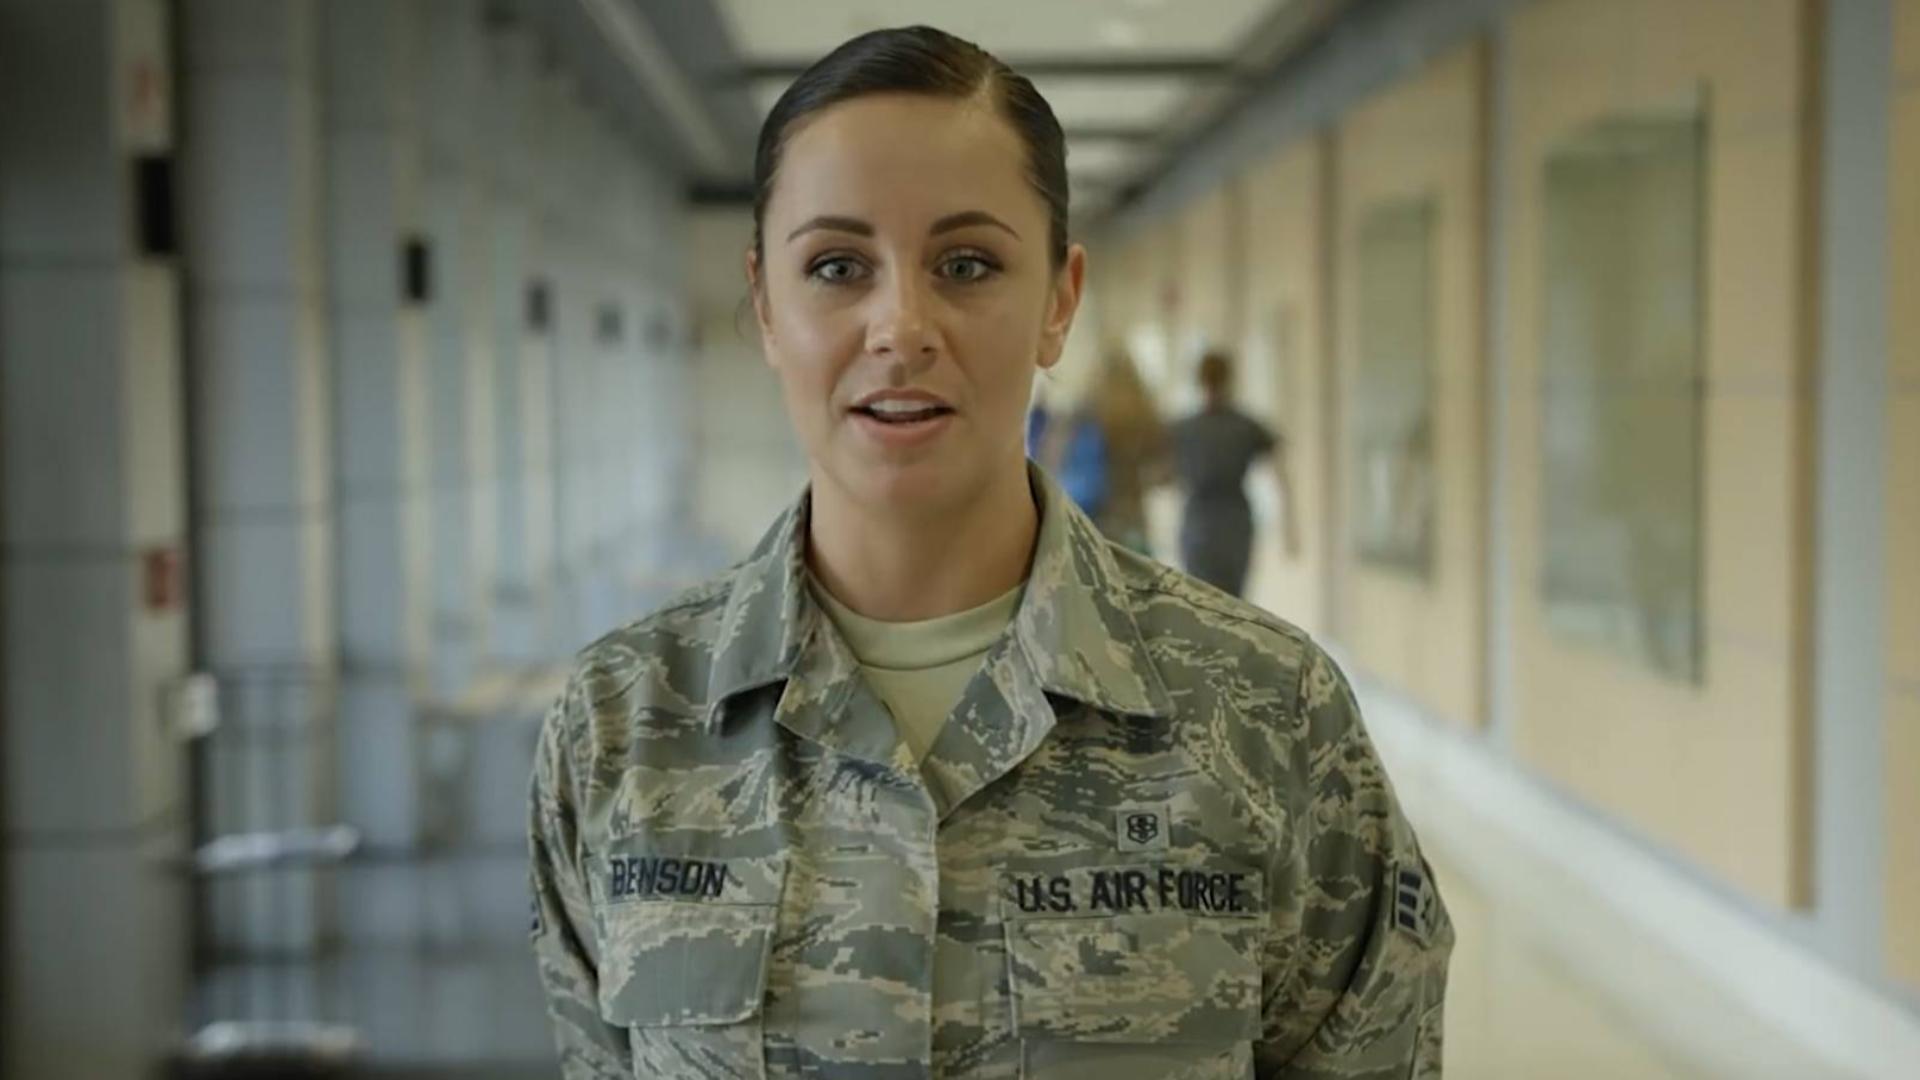 【凯申搬运】USAF随机采访:新兵训练苦吗?